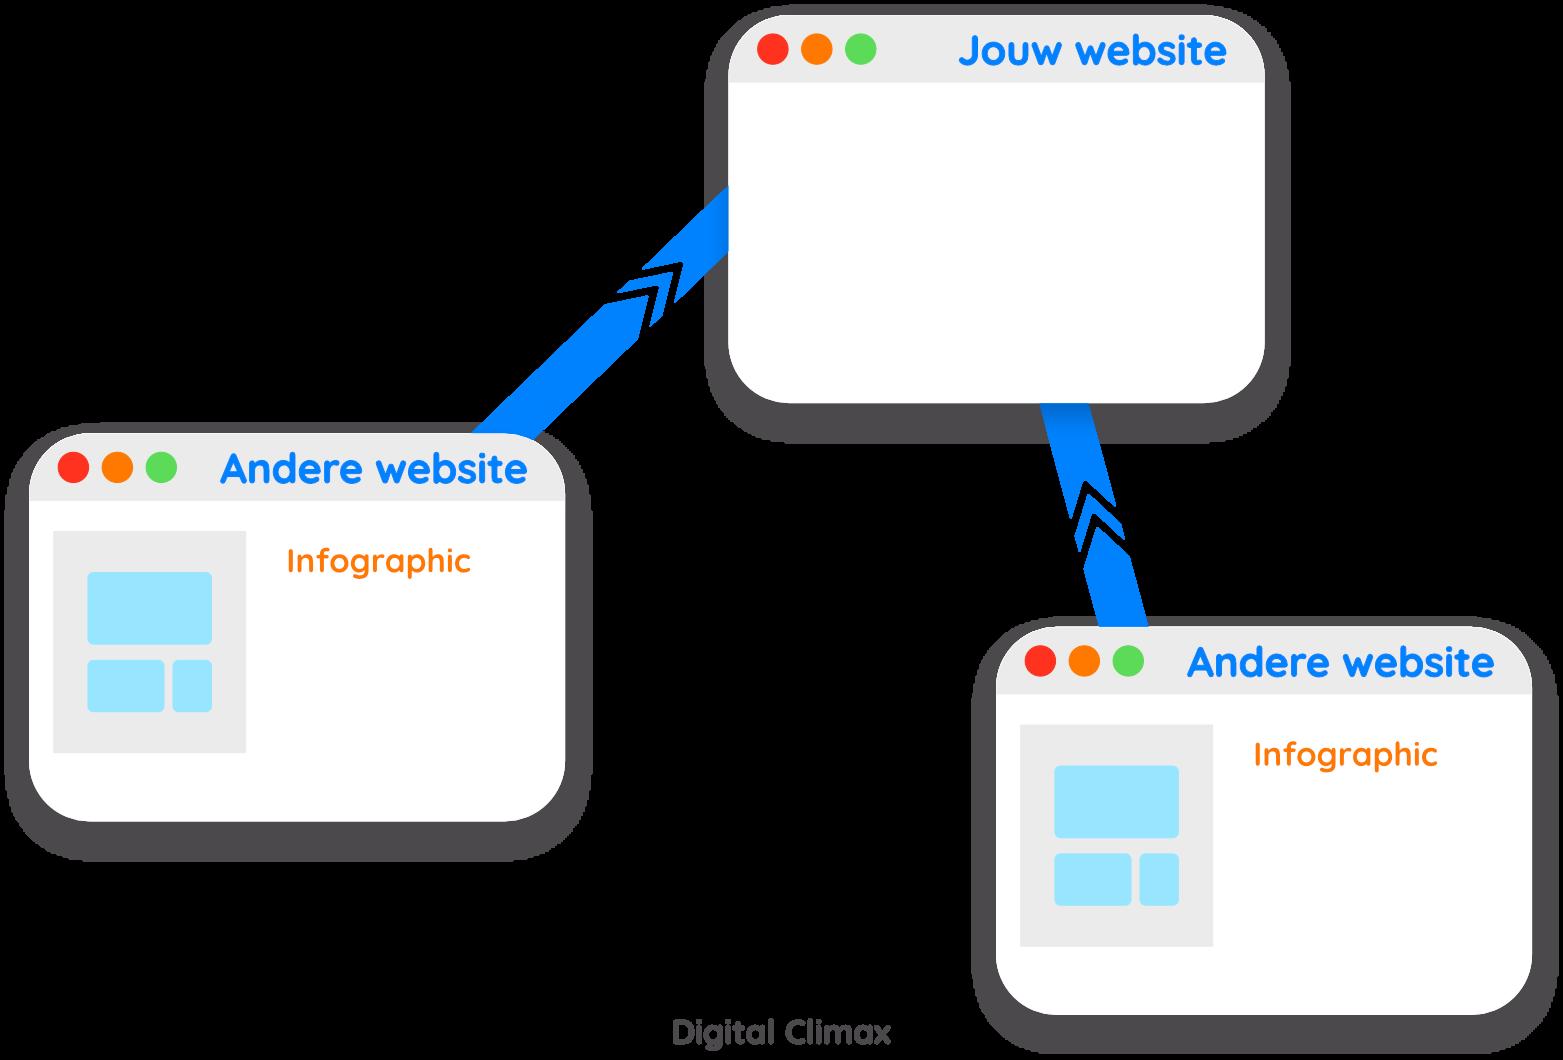 Meer backlinks dankzij infographic linkbuilding